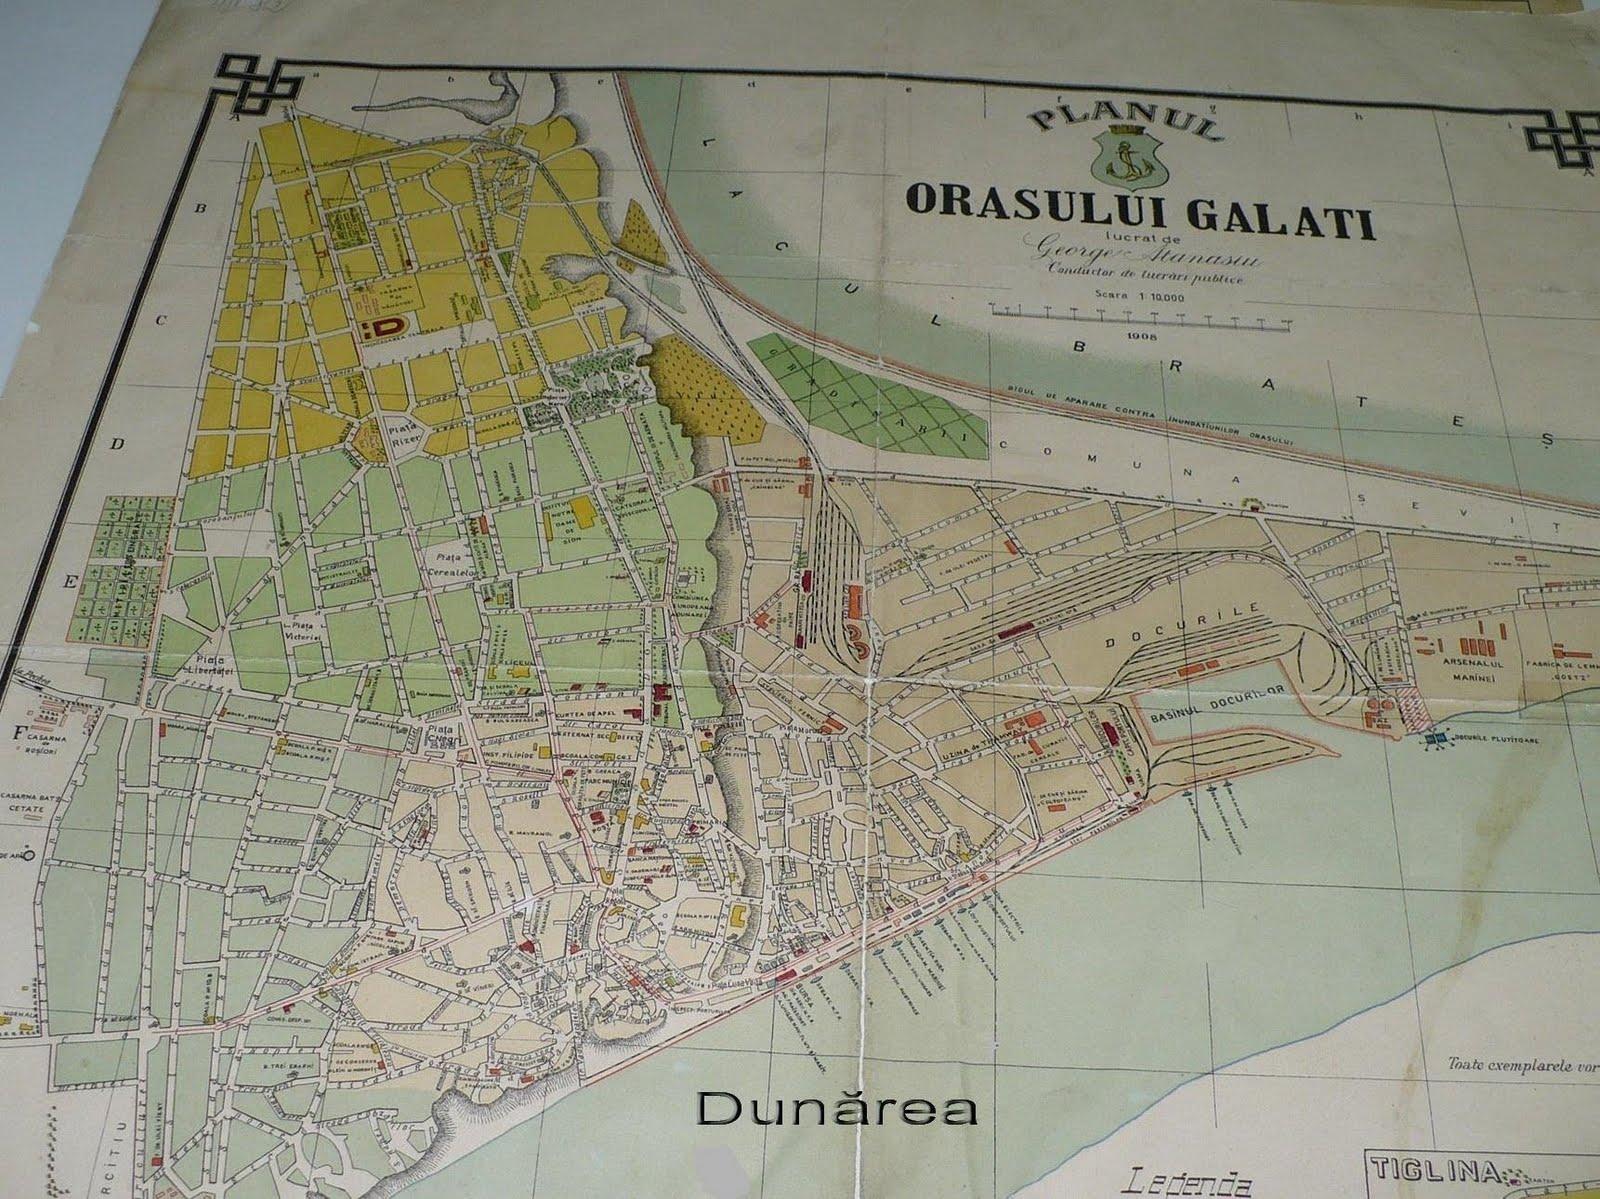 Valurile Dunării O Harta Veche A Orasului Galati